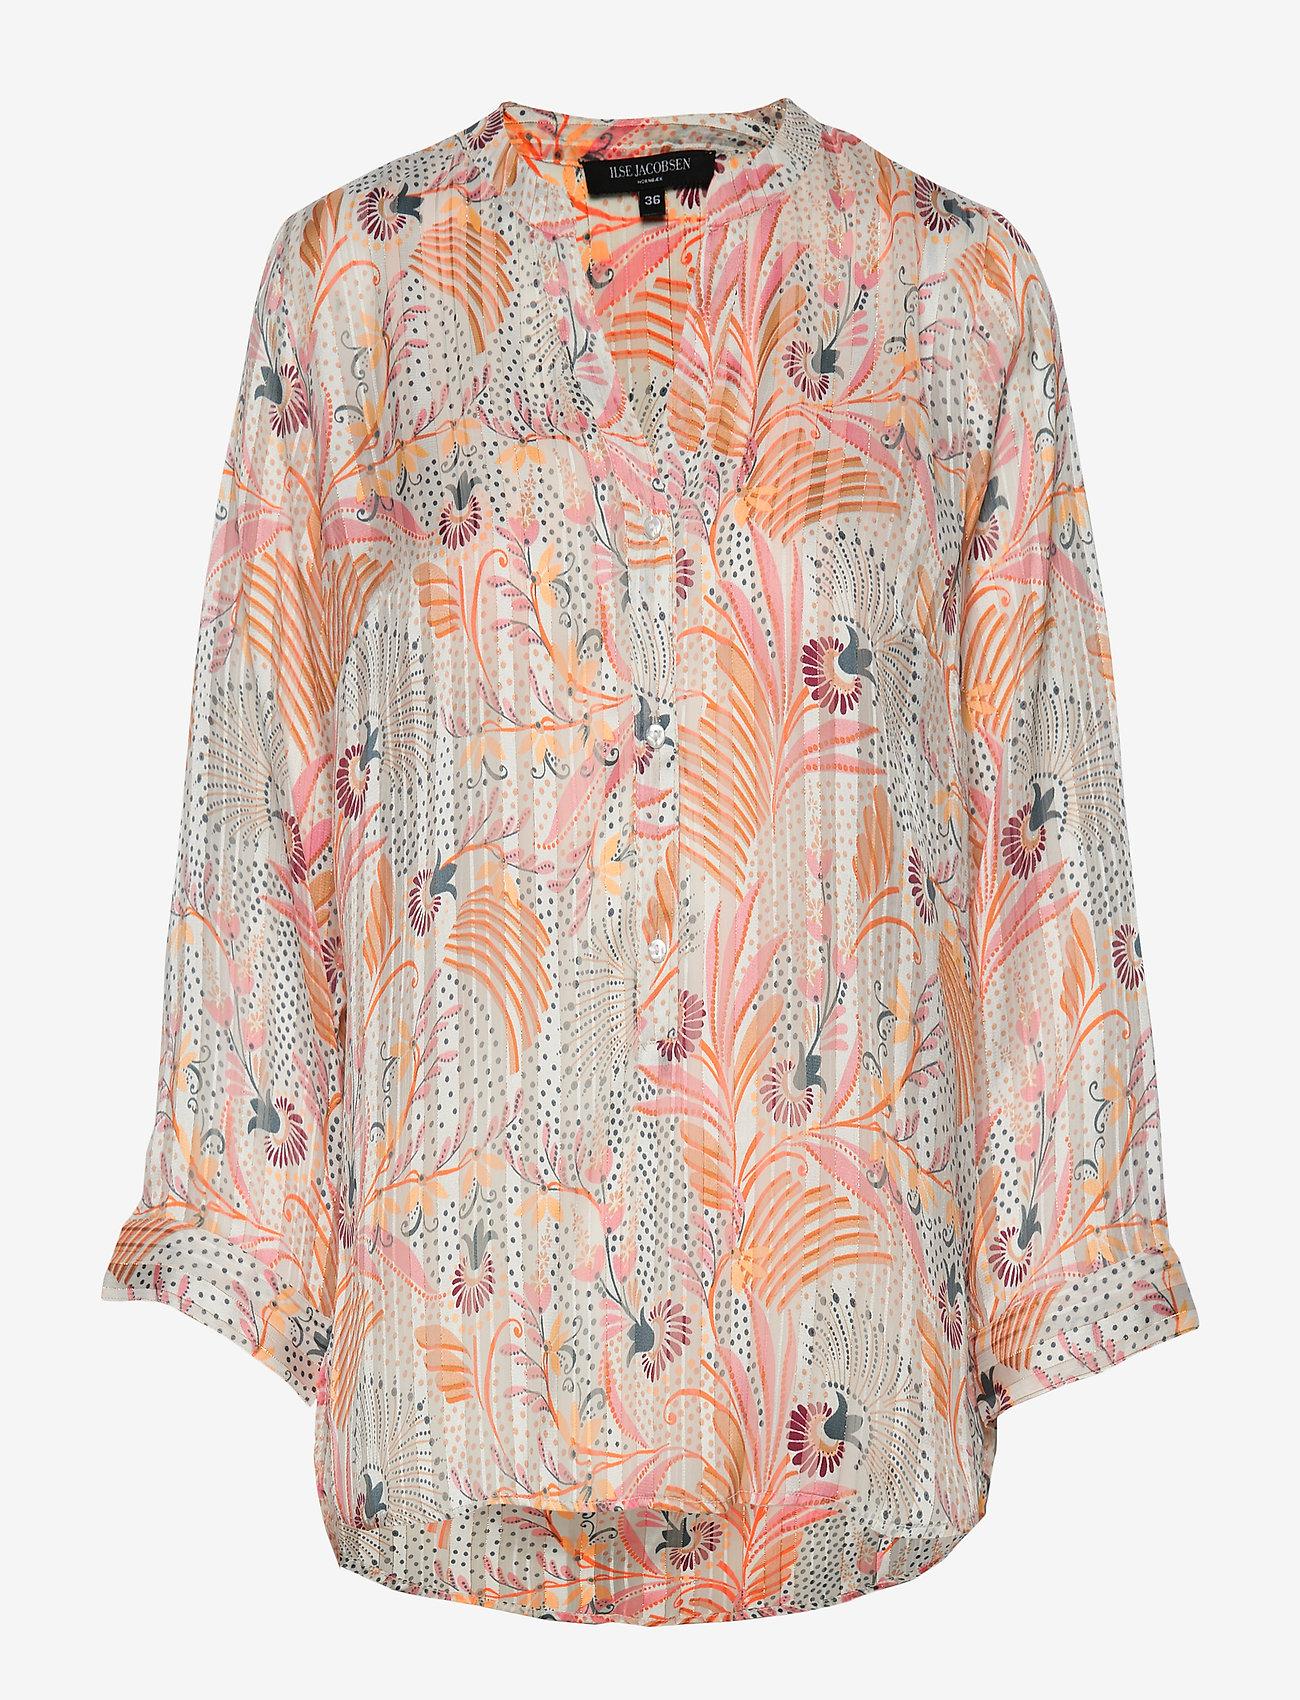 Ilse Jacobsen - SHIRT - blouses à manches longues - white sugar - 0